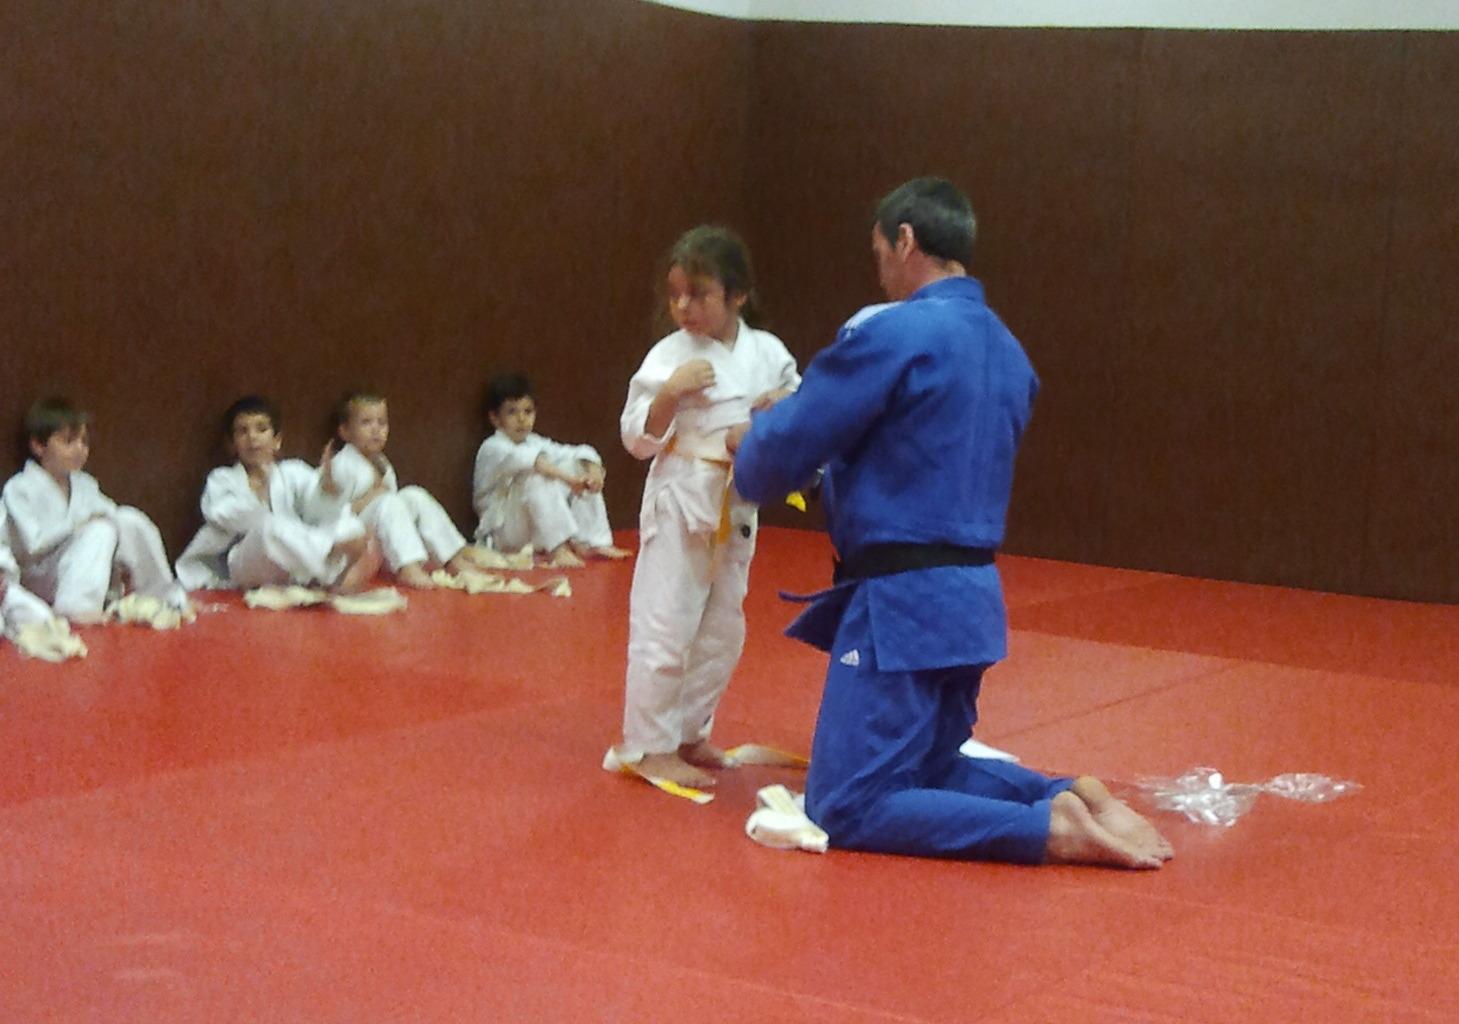 Passage de la ceinture blanche à la ceinture blanche jaune. Le maître remet  à chaque enfant sa nouvelle ceinture 4b6efd423b5